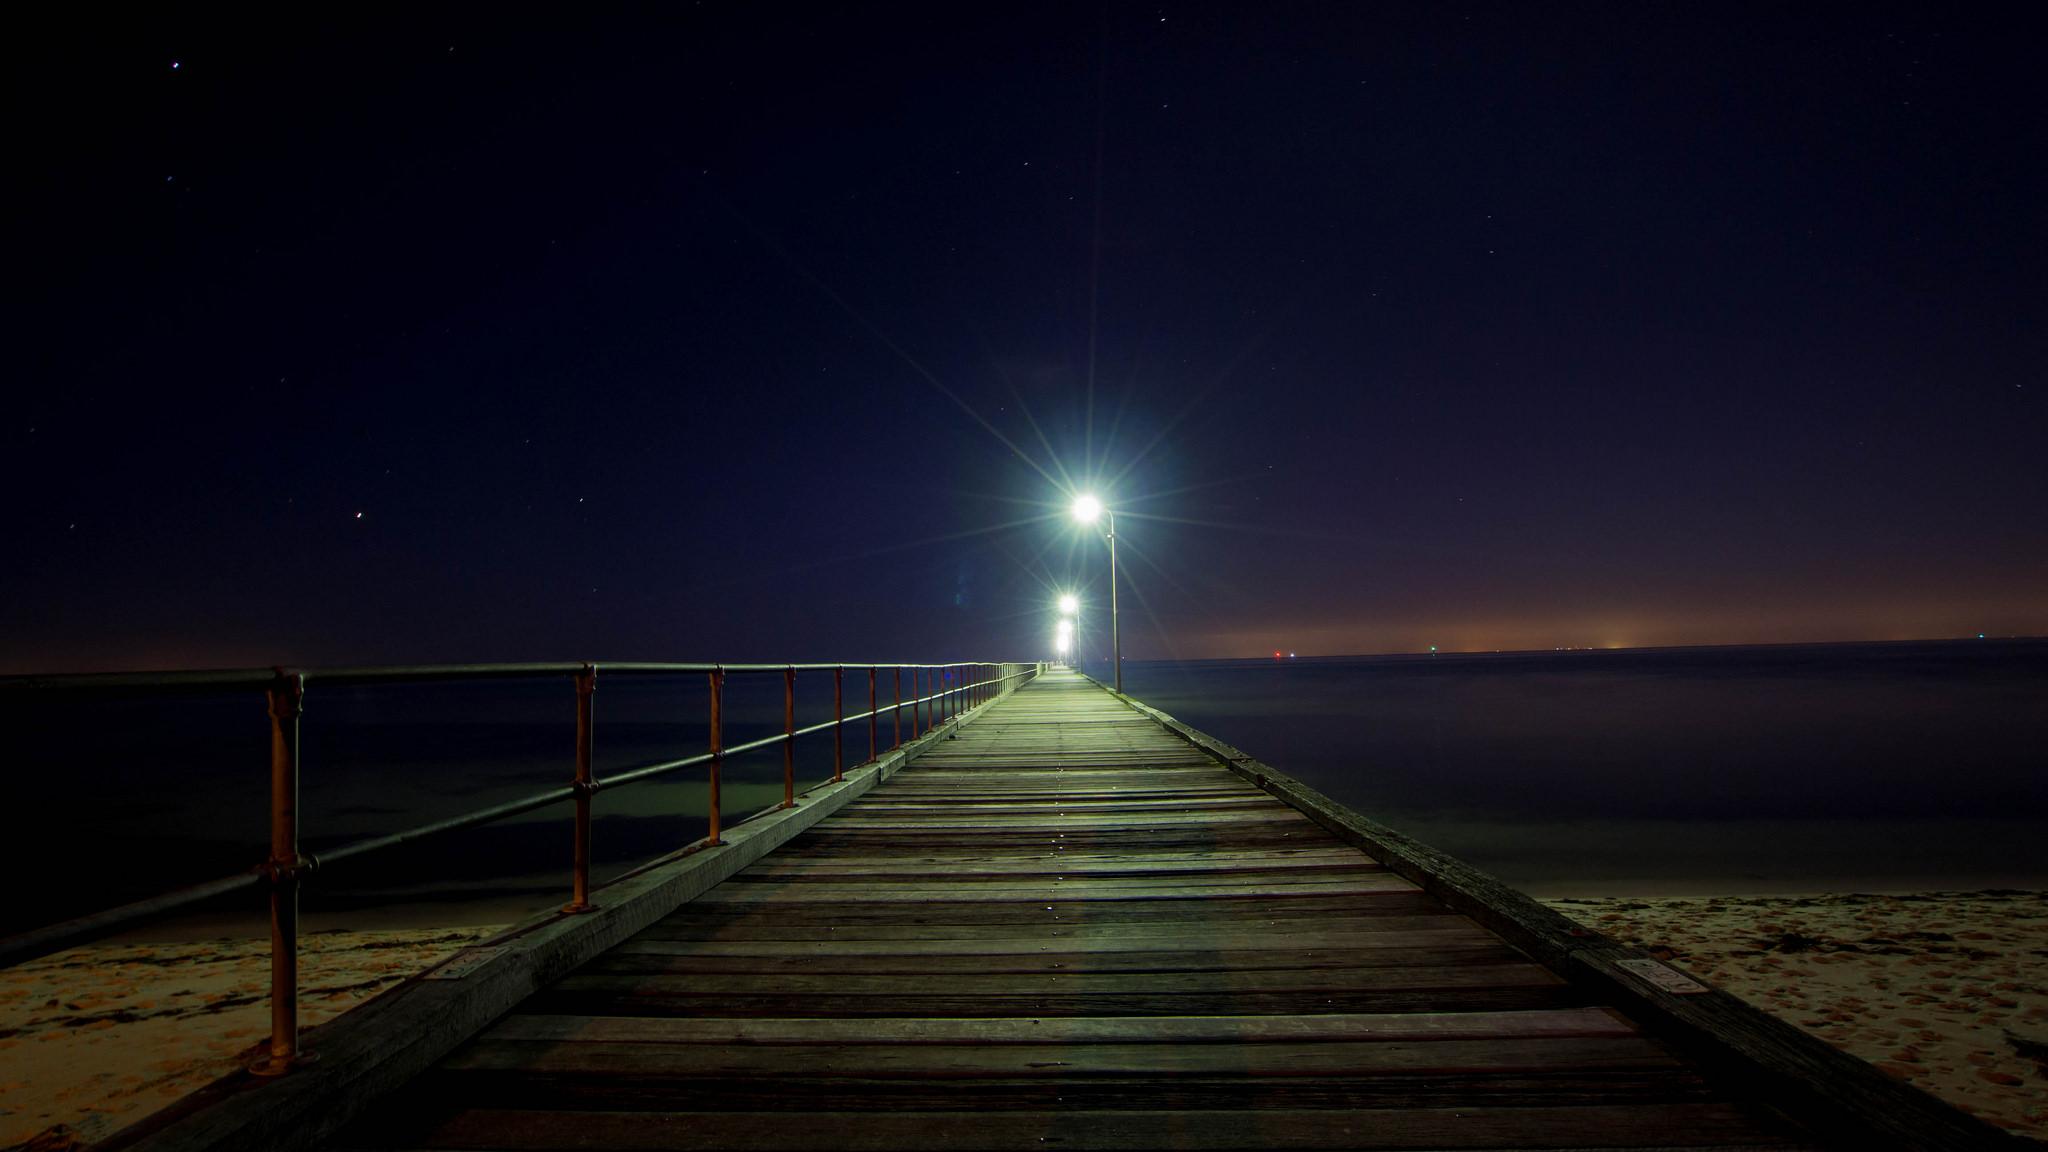 Crédit photo : Bradmcs - Flickr CC